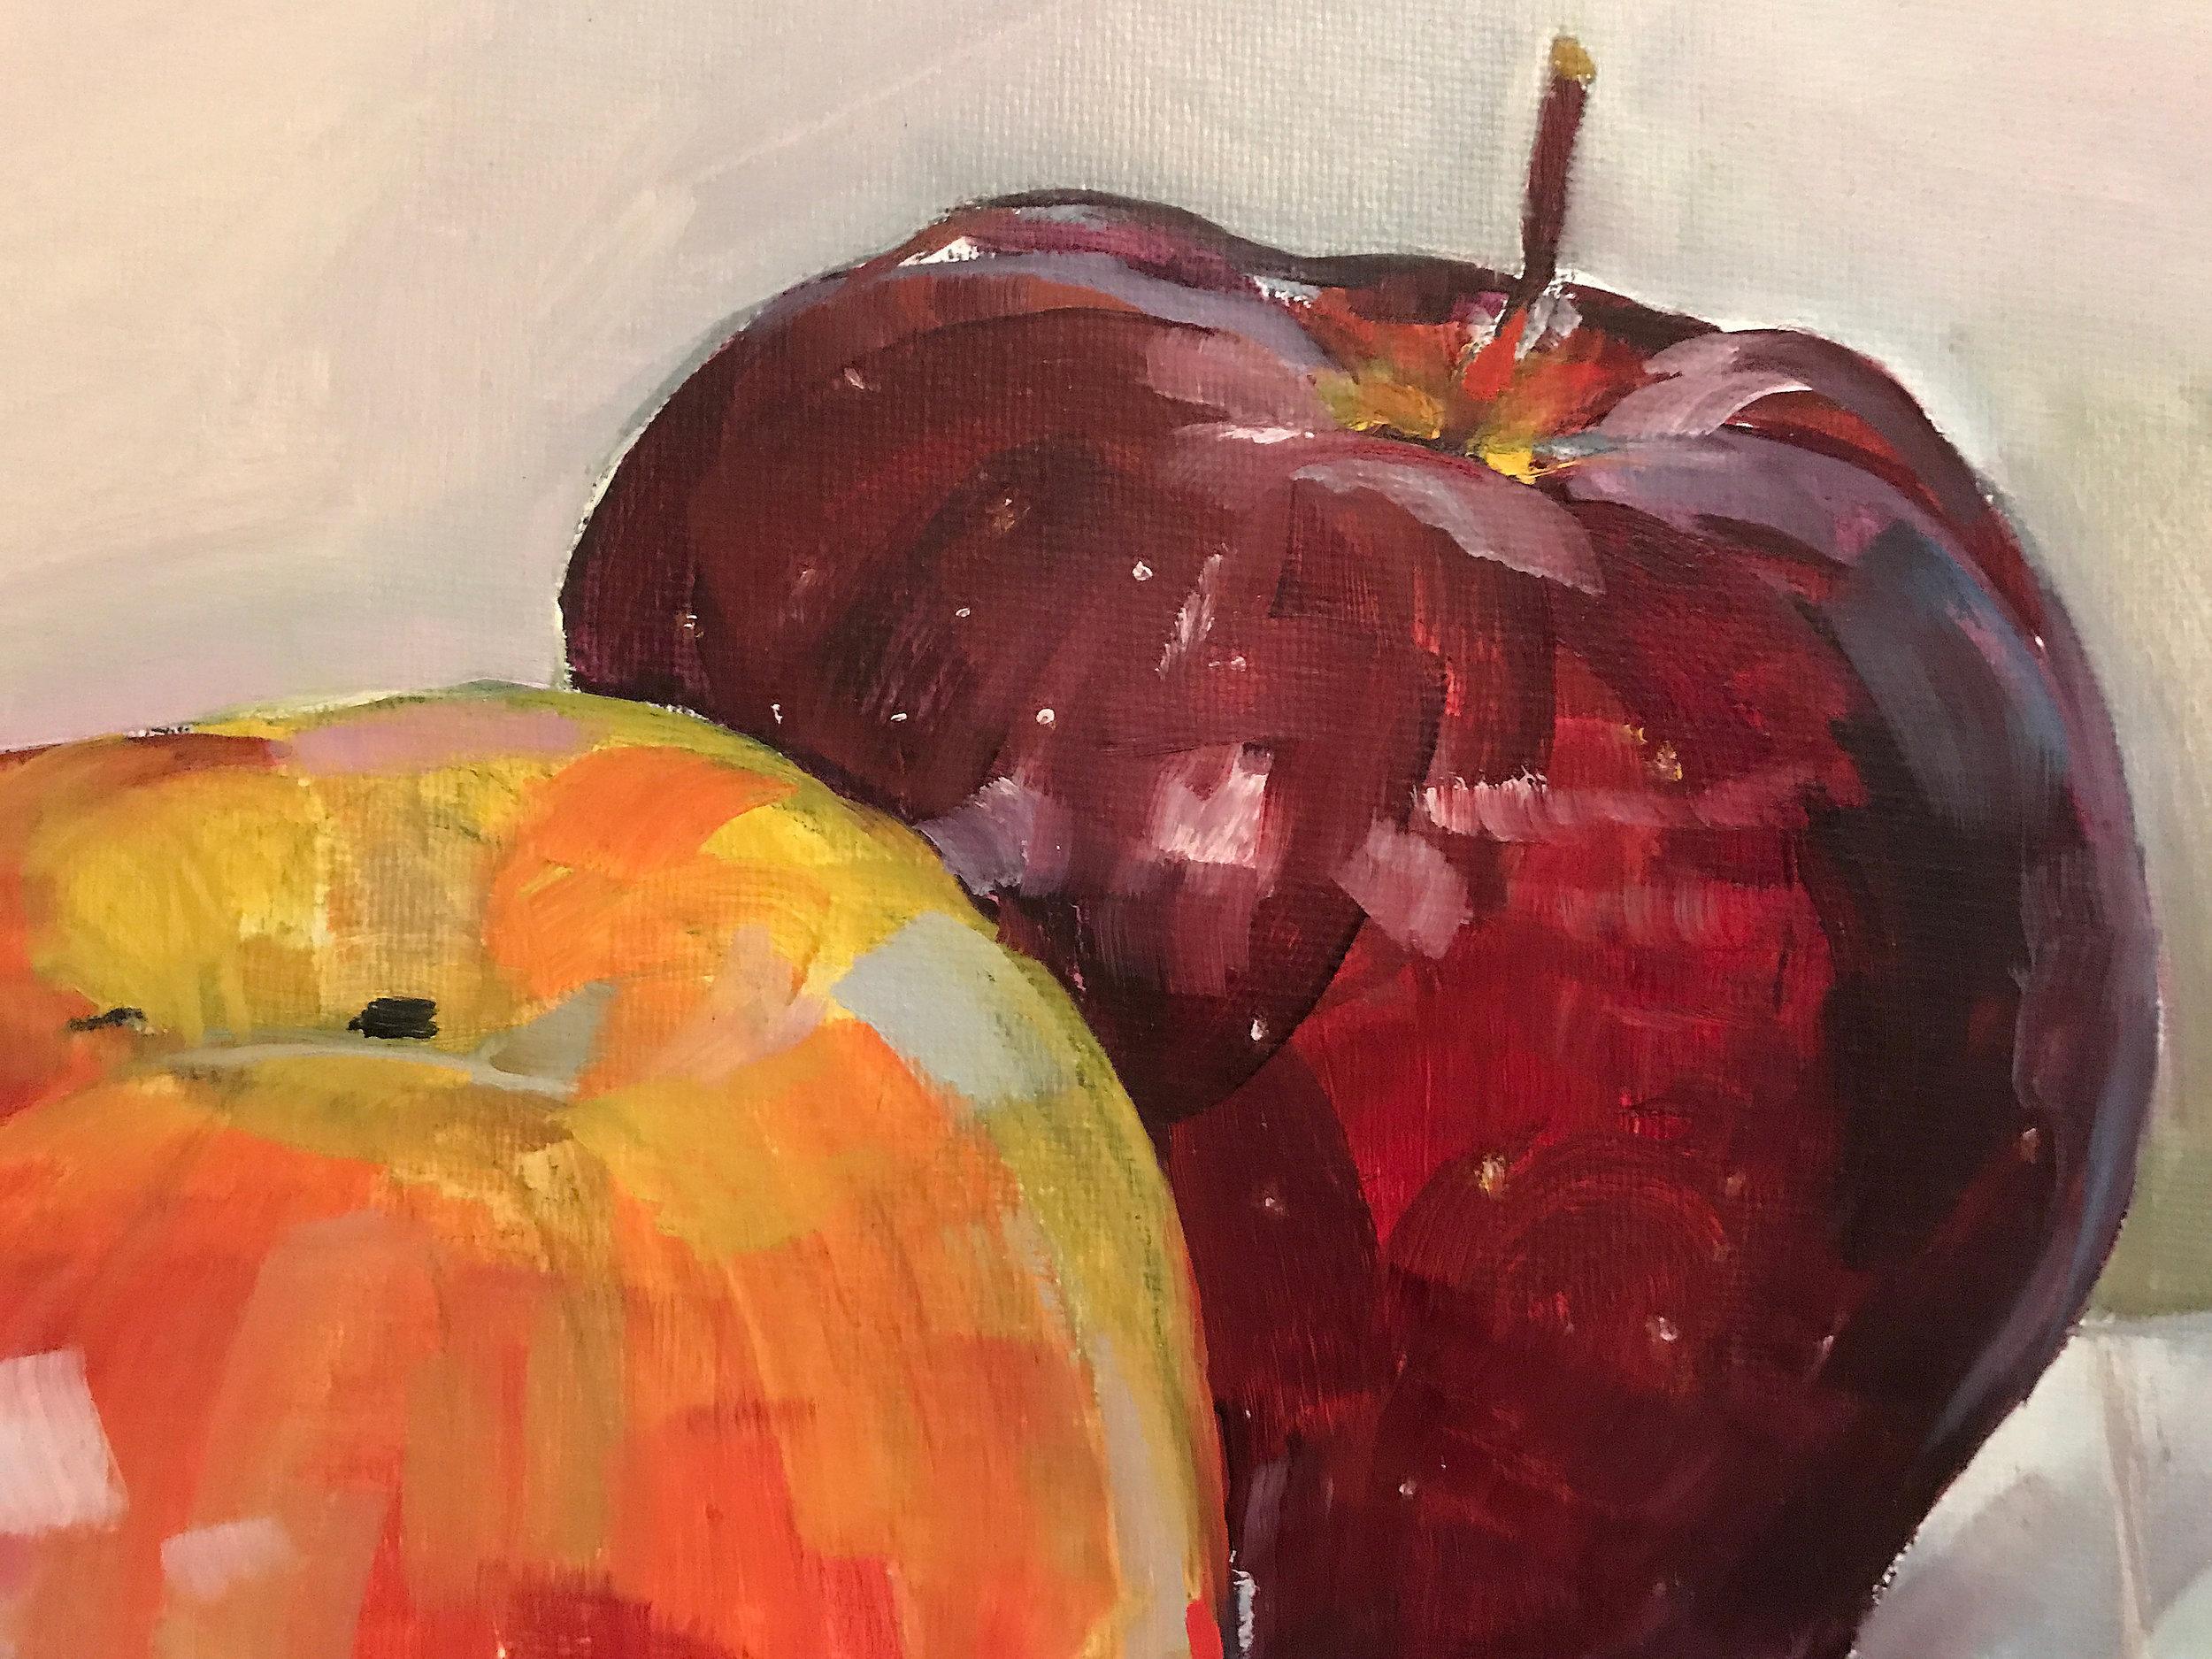 apples_det_1